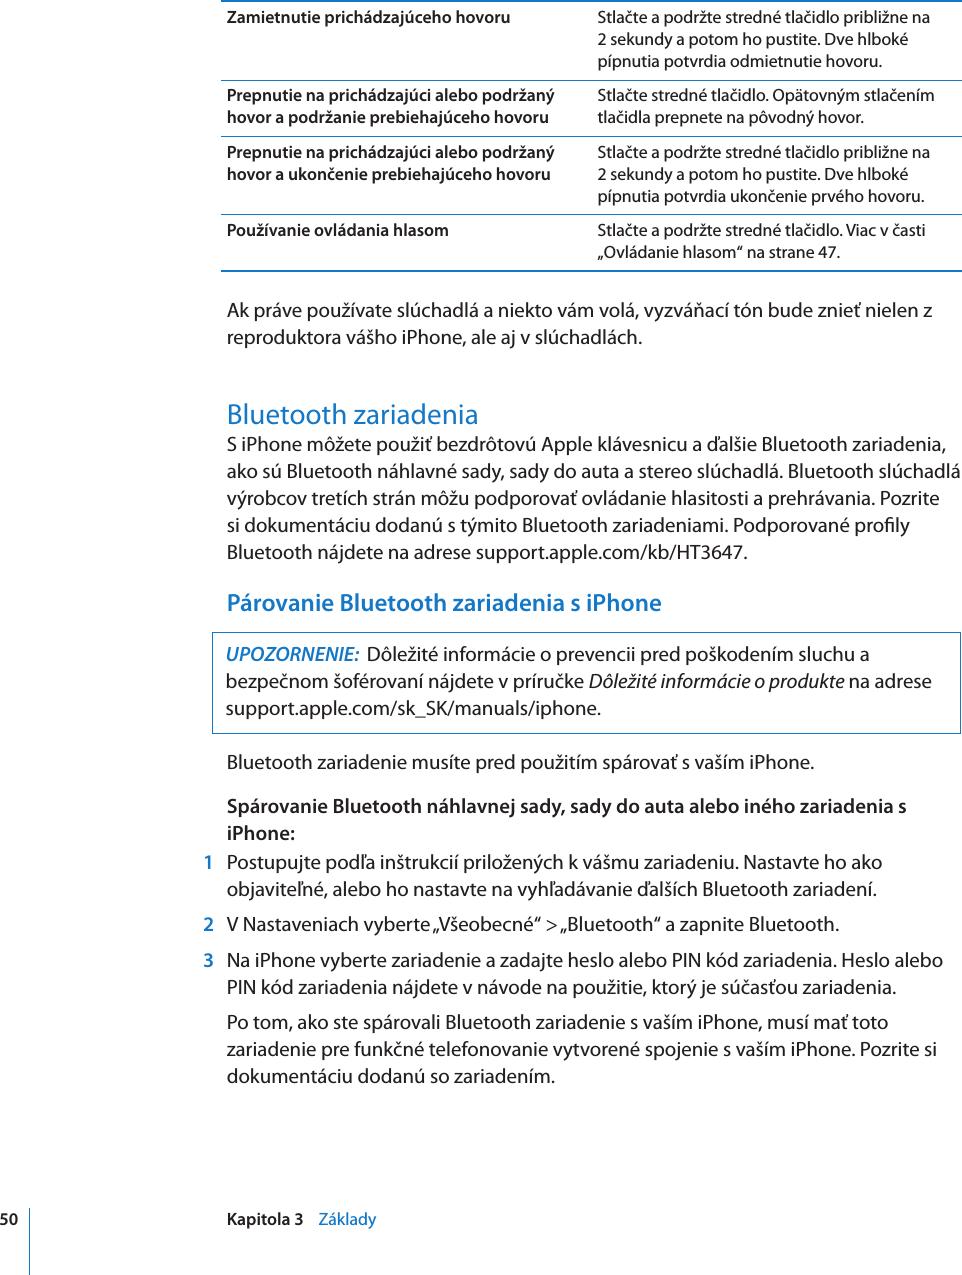 Elektronické publikácie (online príloha).